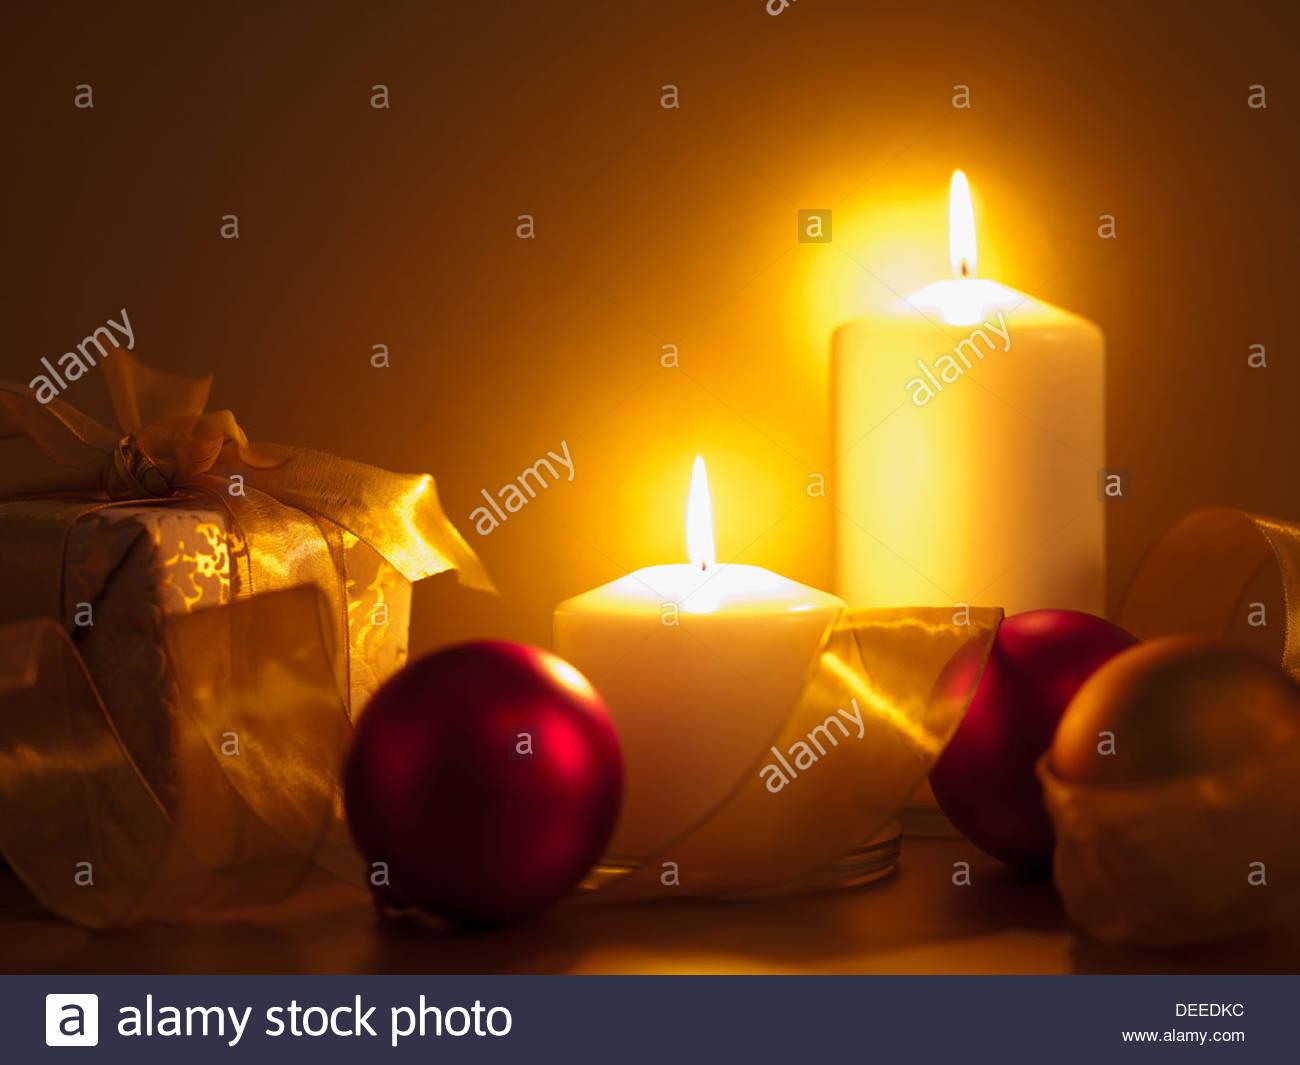 Regalos de Navidad, adornos y velas Imagen De Stock